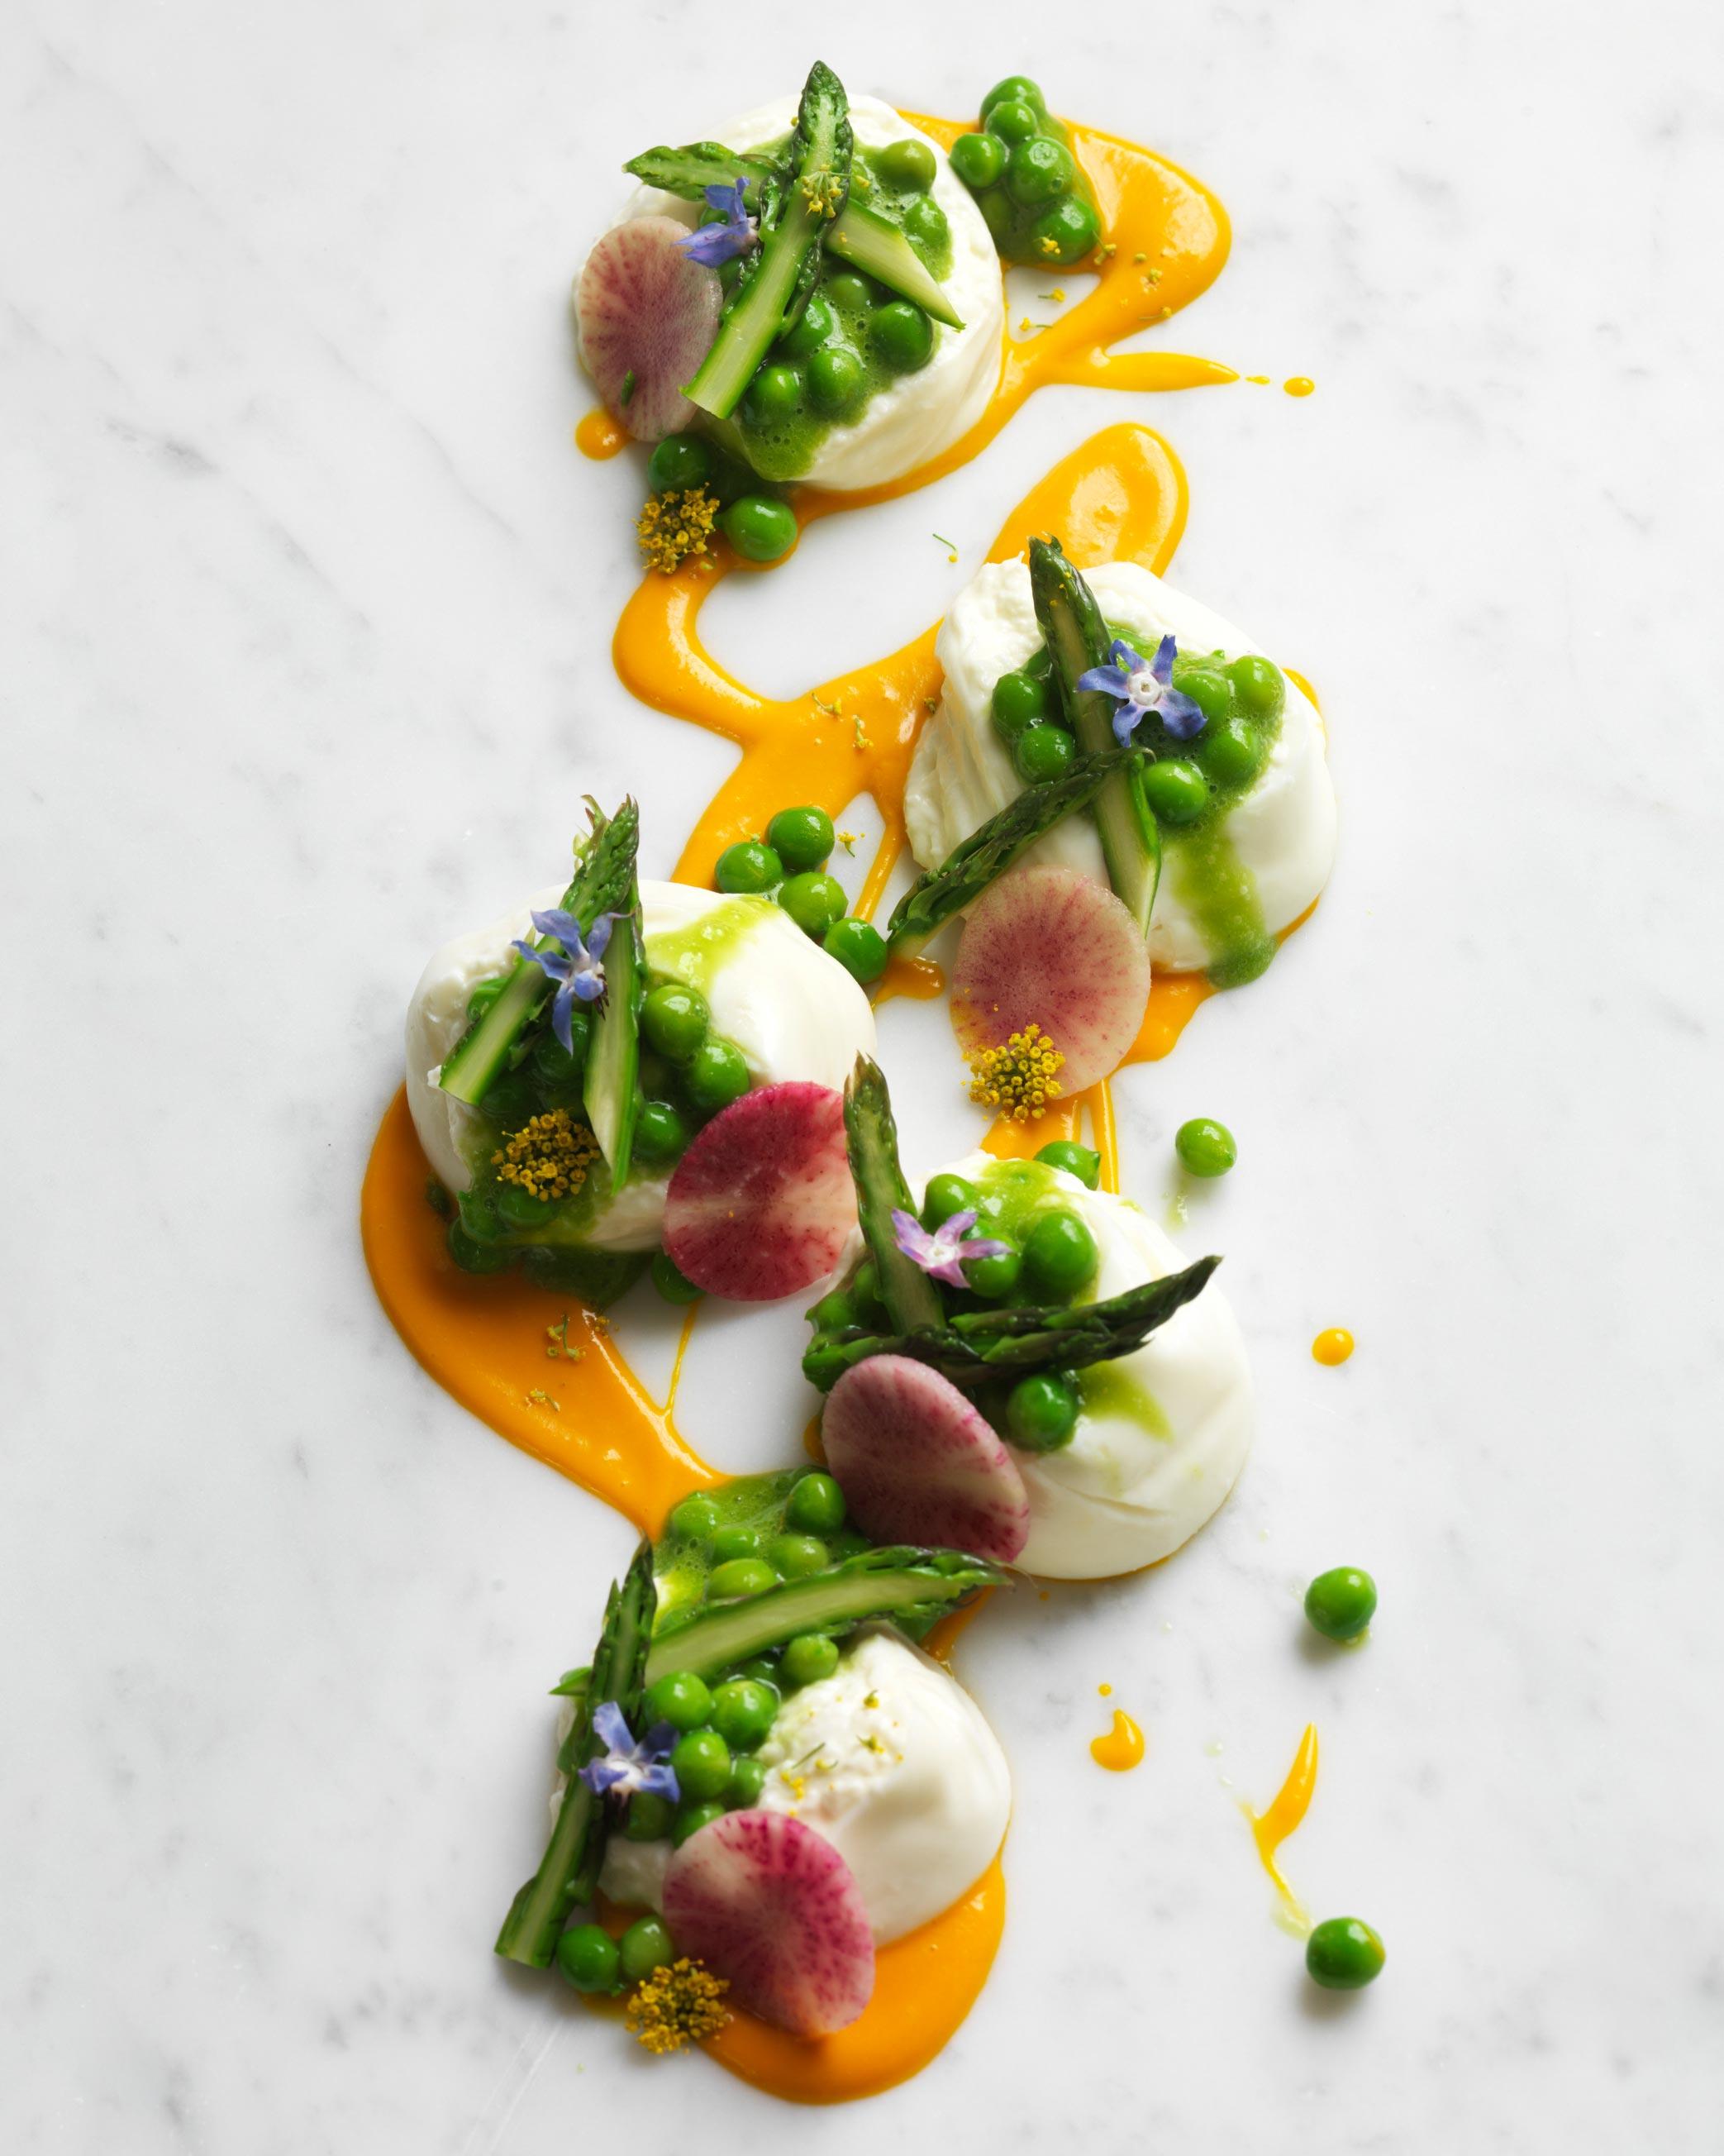 spring-summer-food-trends-cheese-0516.jpg